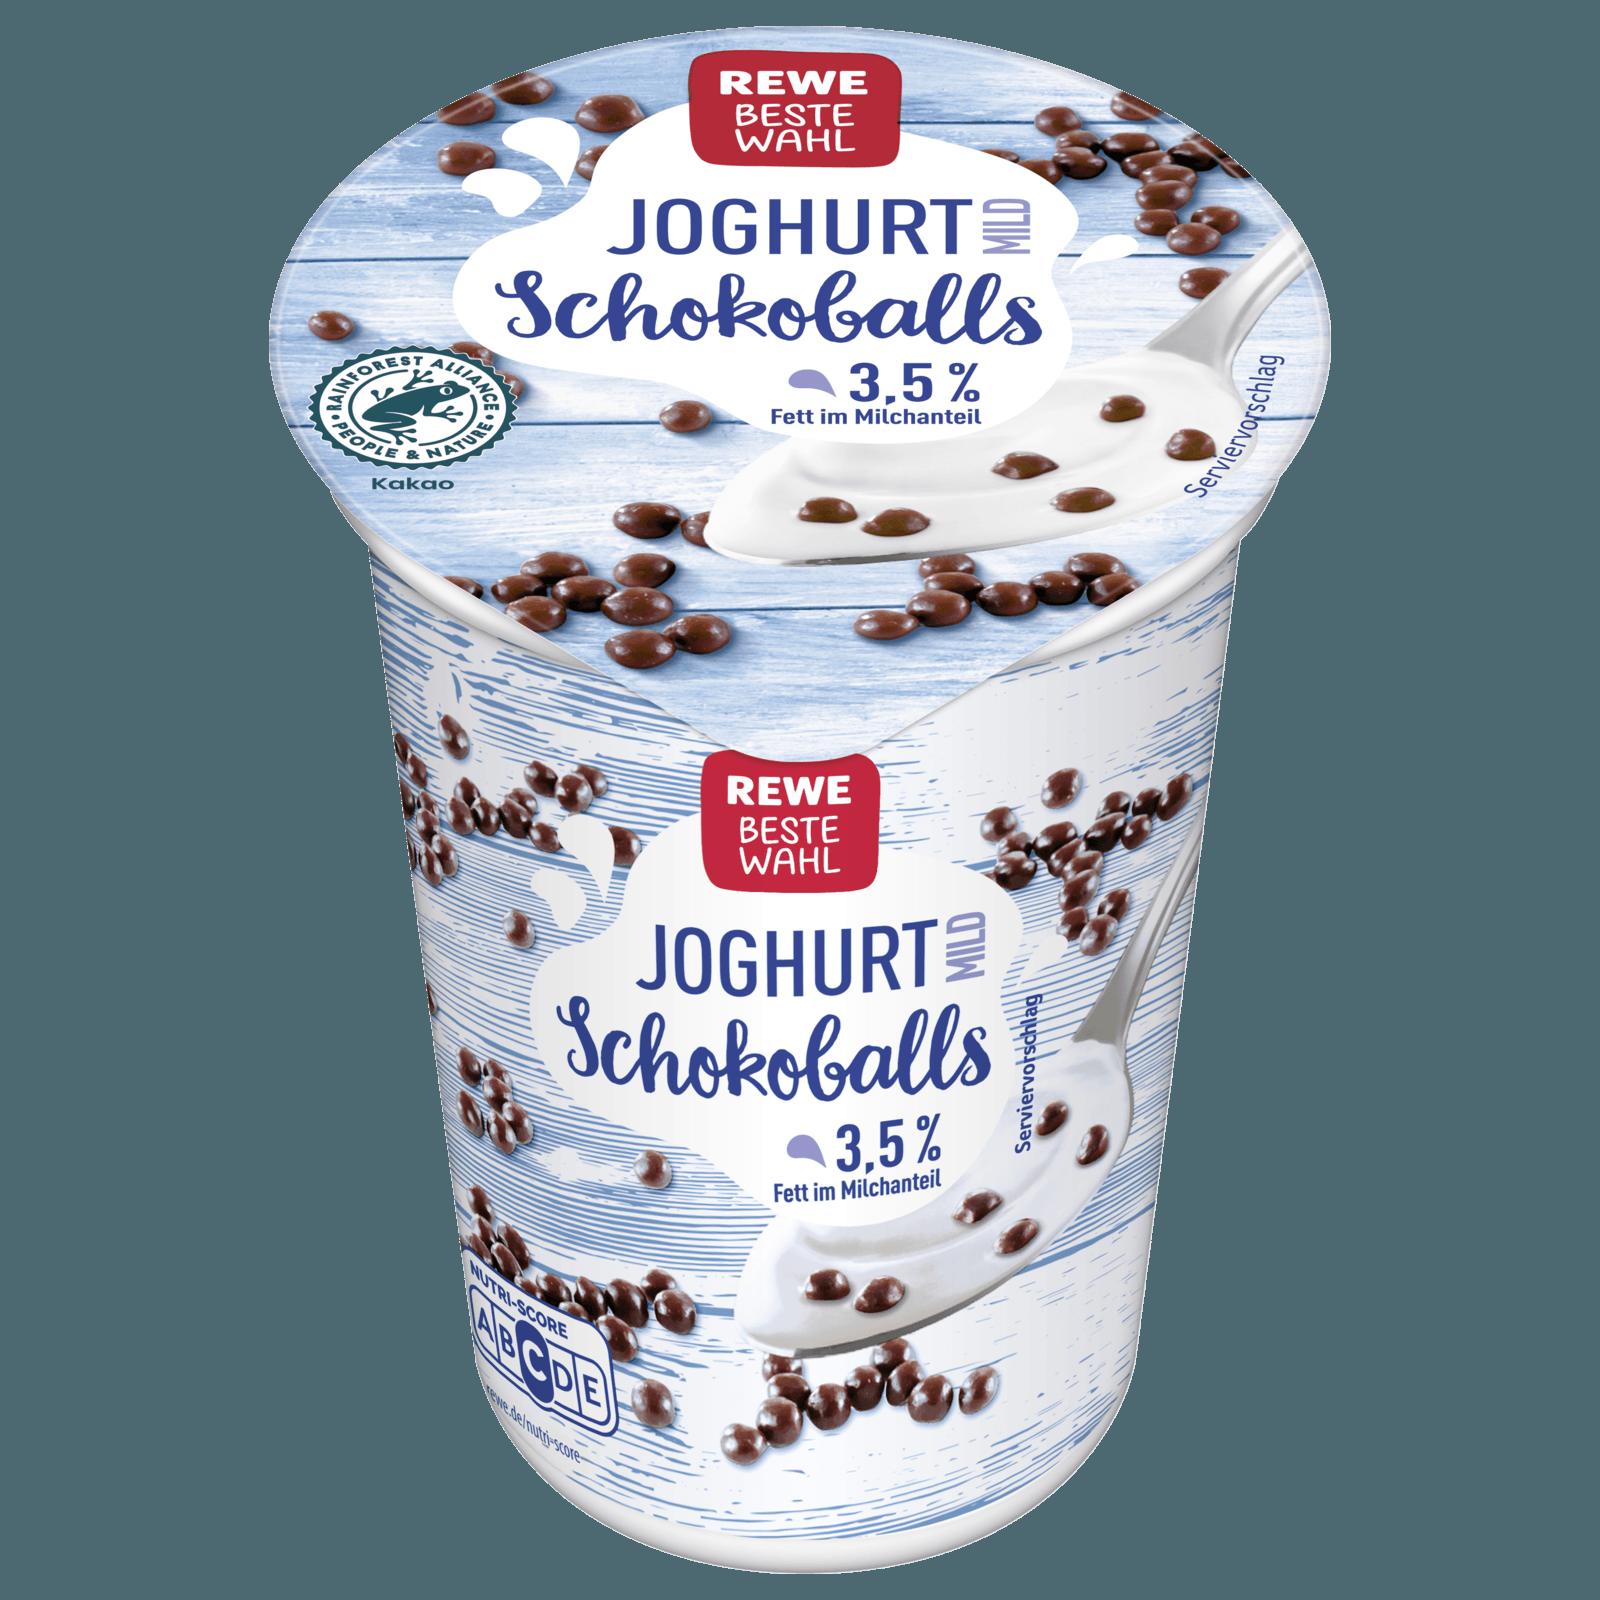 REWE Beste Wahl Joghurt mild Schokoballs 250g